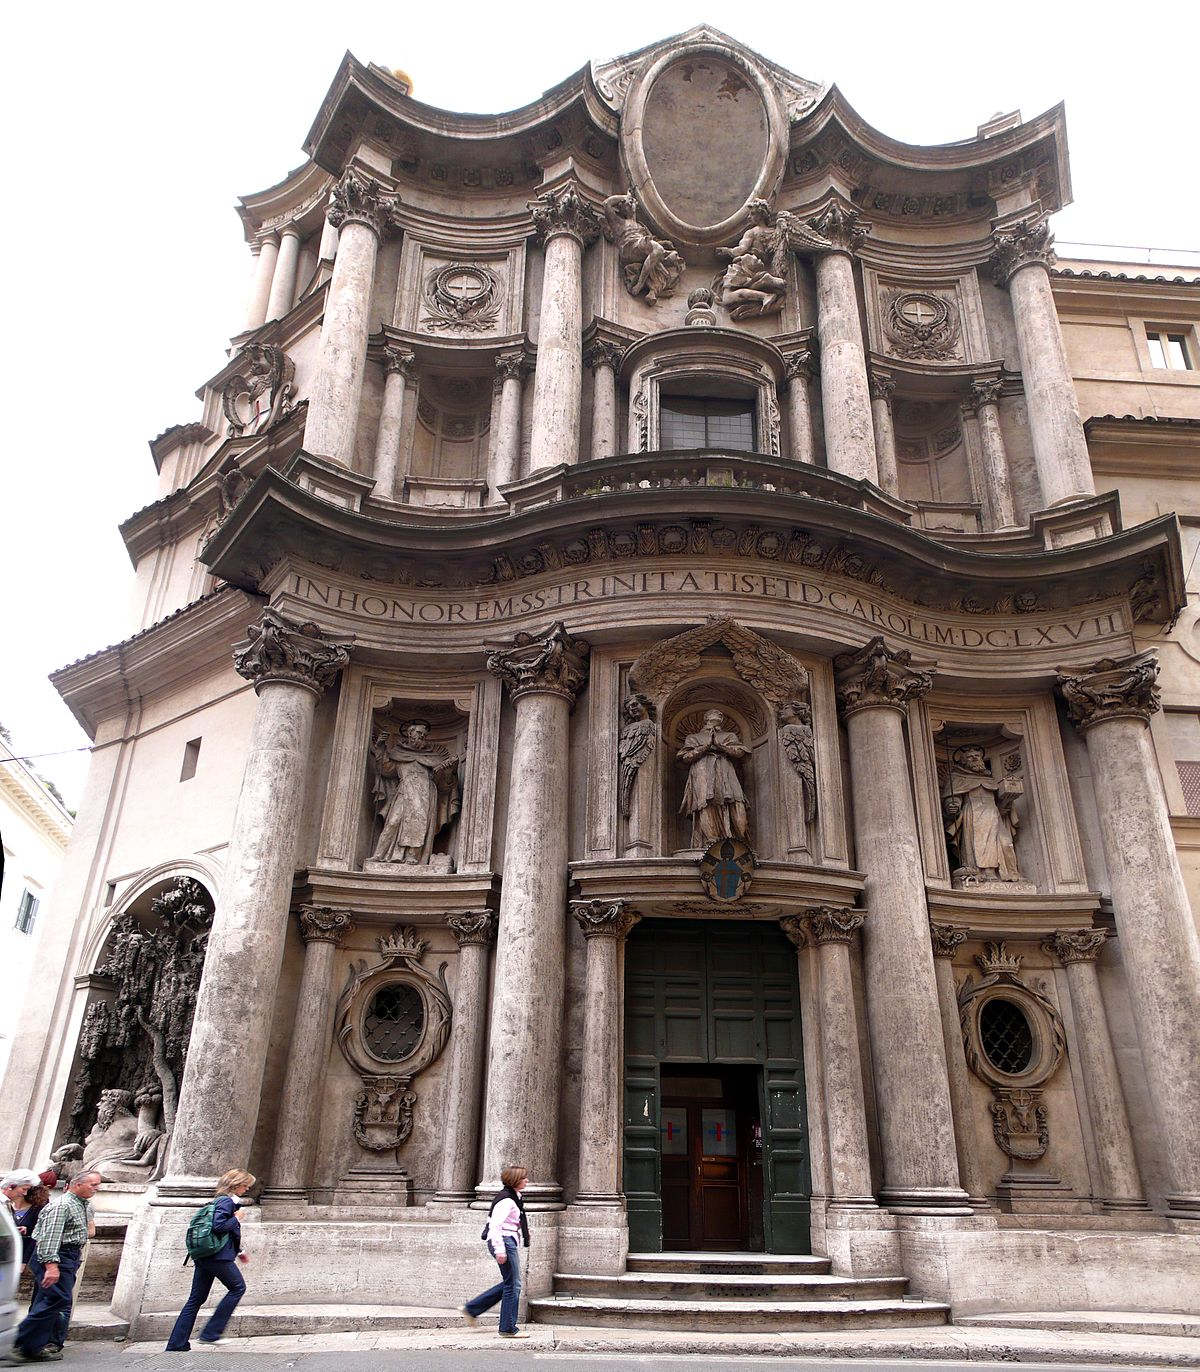 Chiesa di San Carlo alle Quattro Fontane - Wikipedia